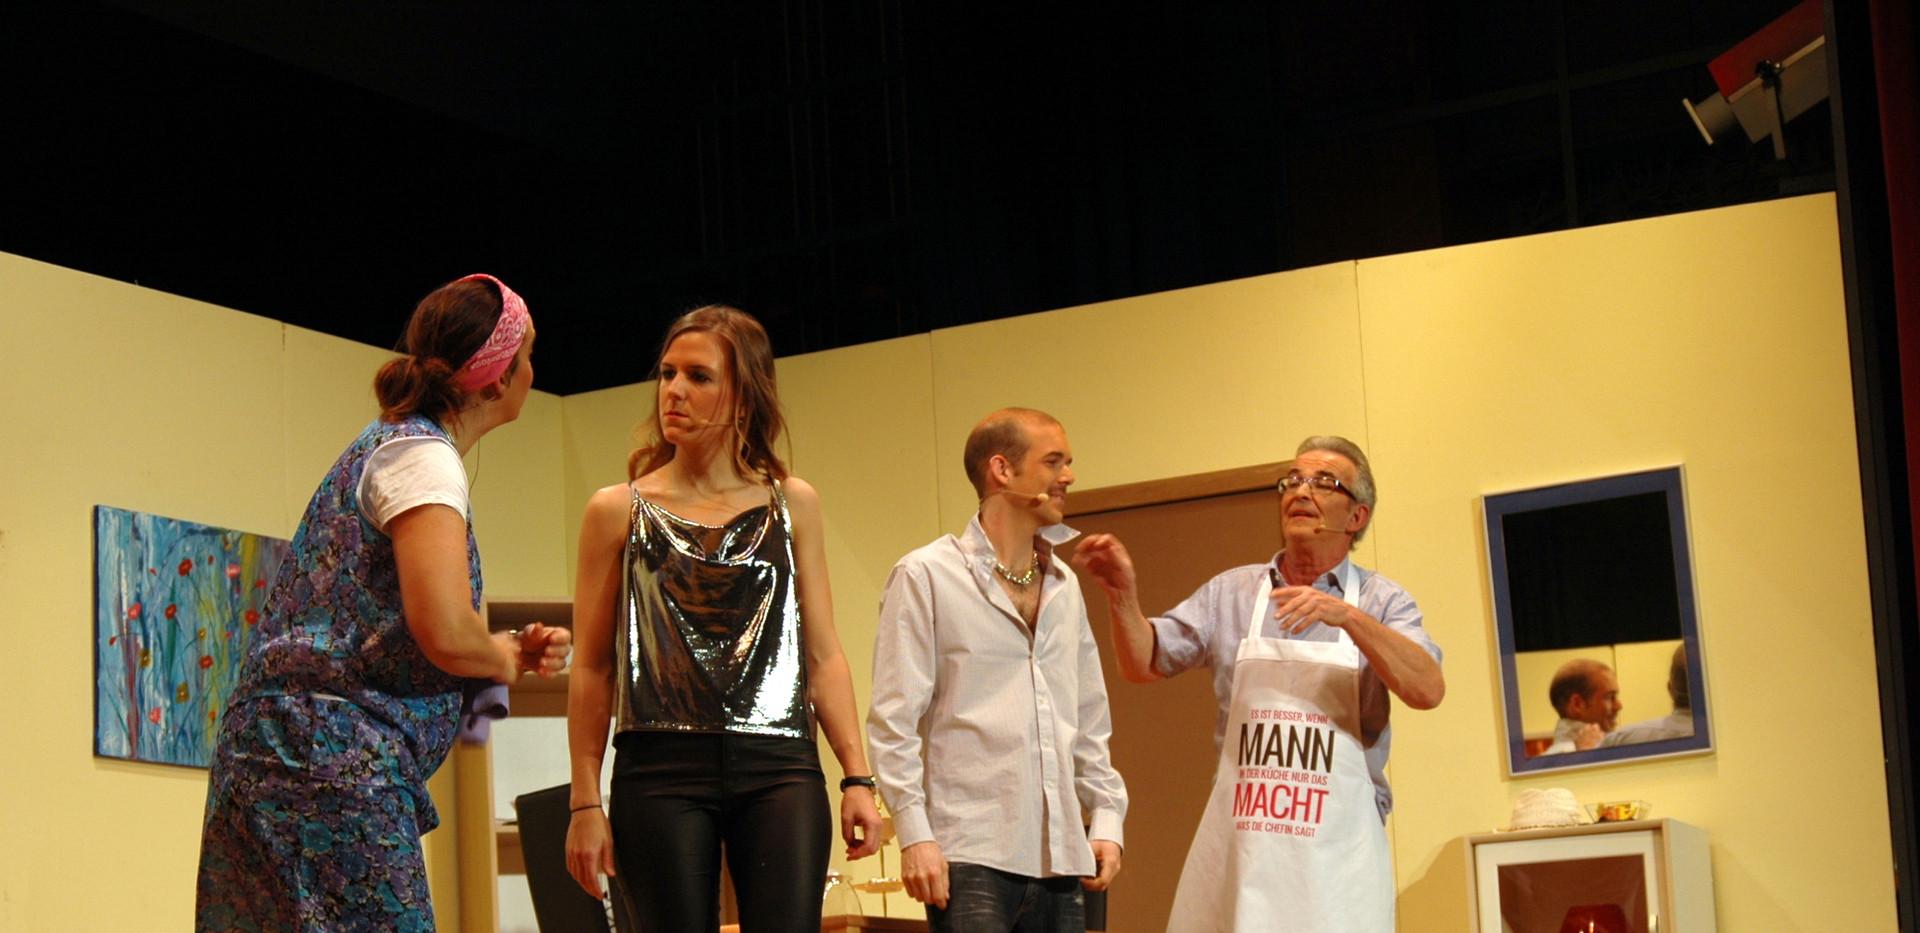 Theaterbilder2018 (50).JPG